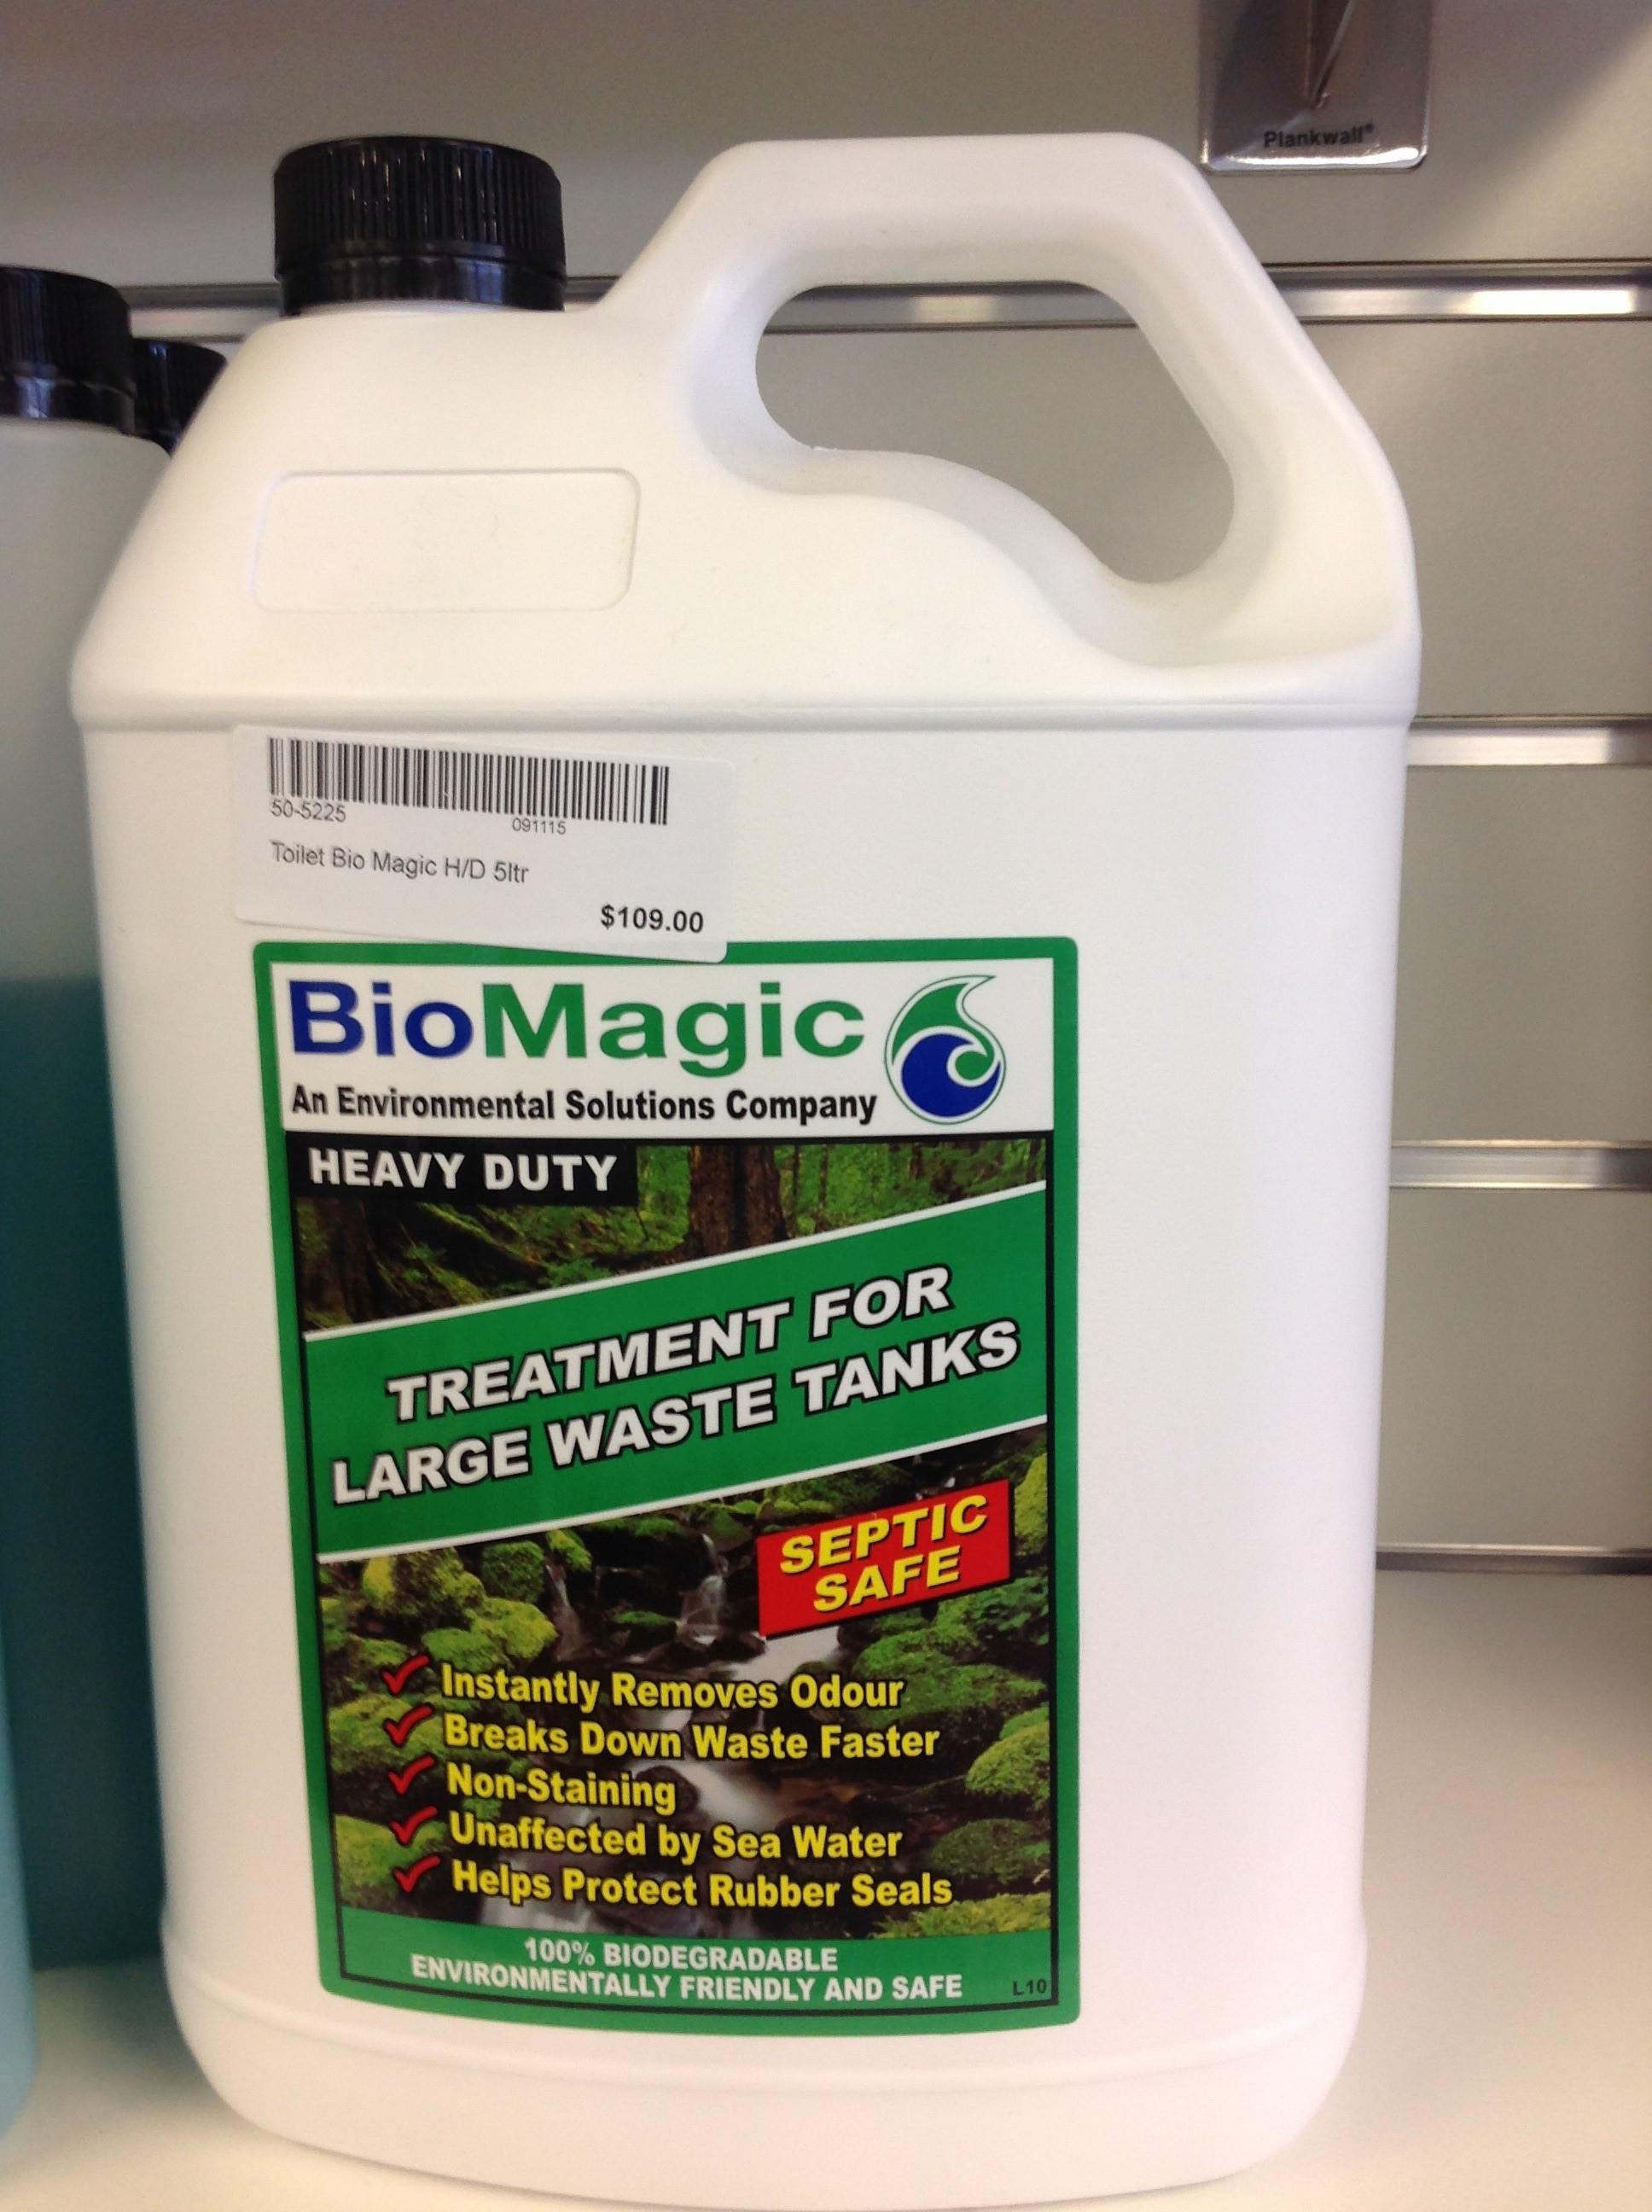 Bio Magic Toilet Waste Treatment